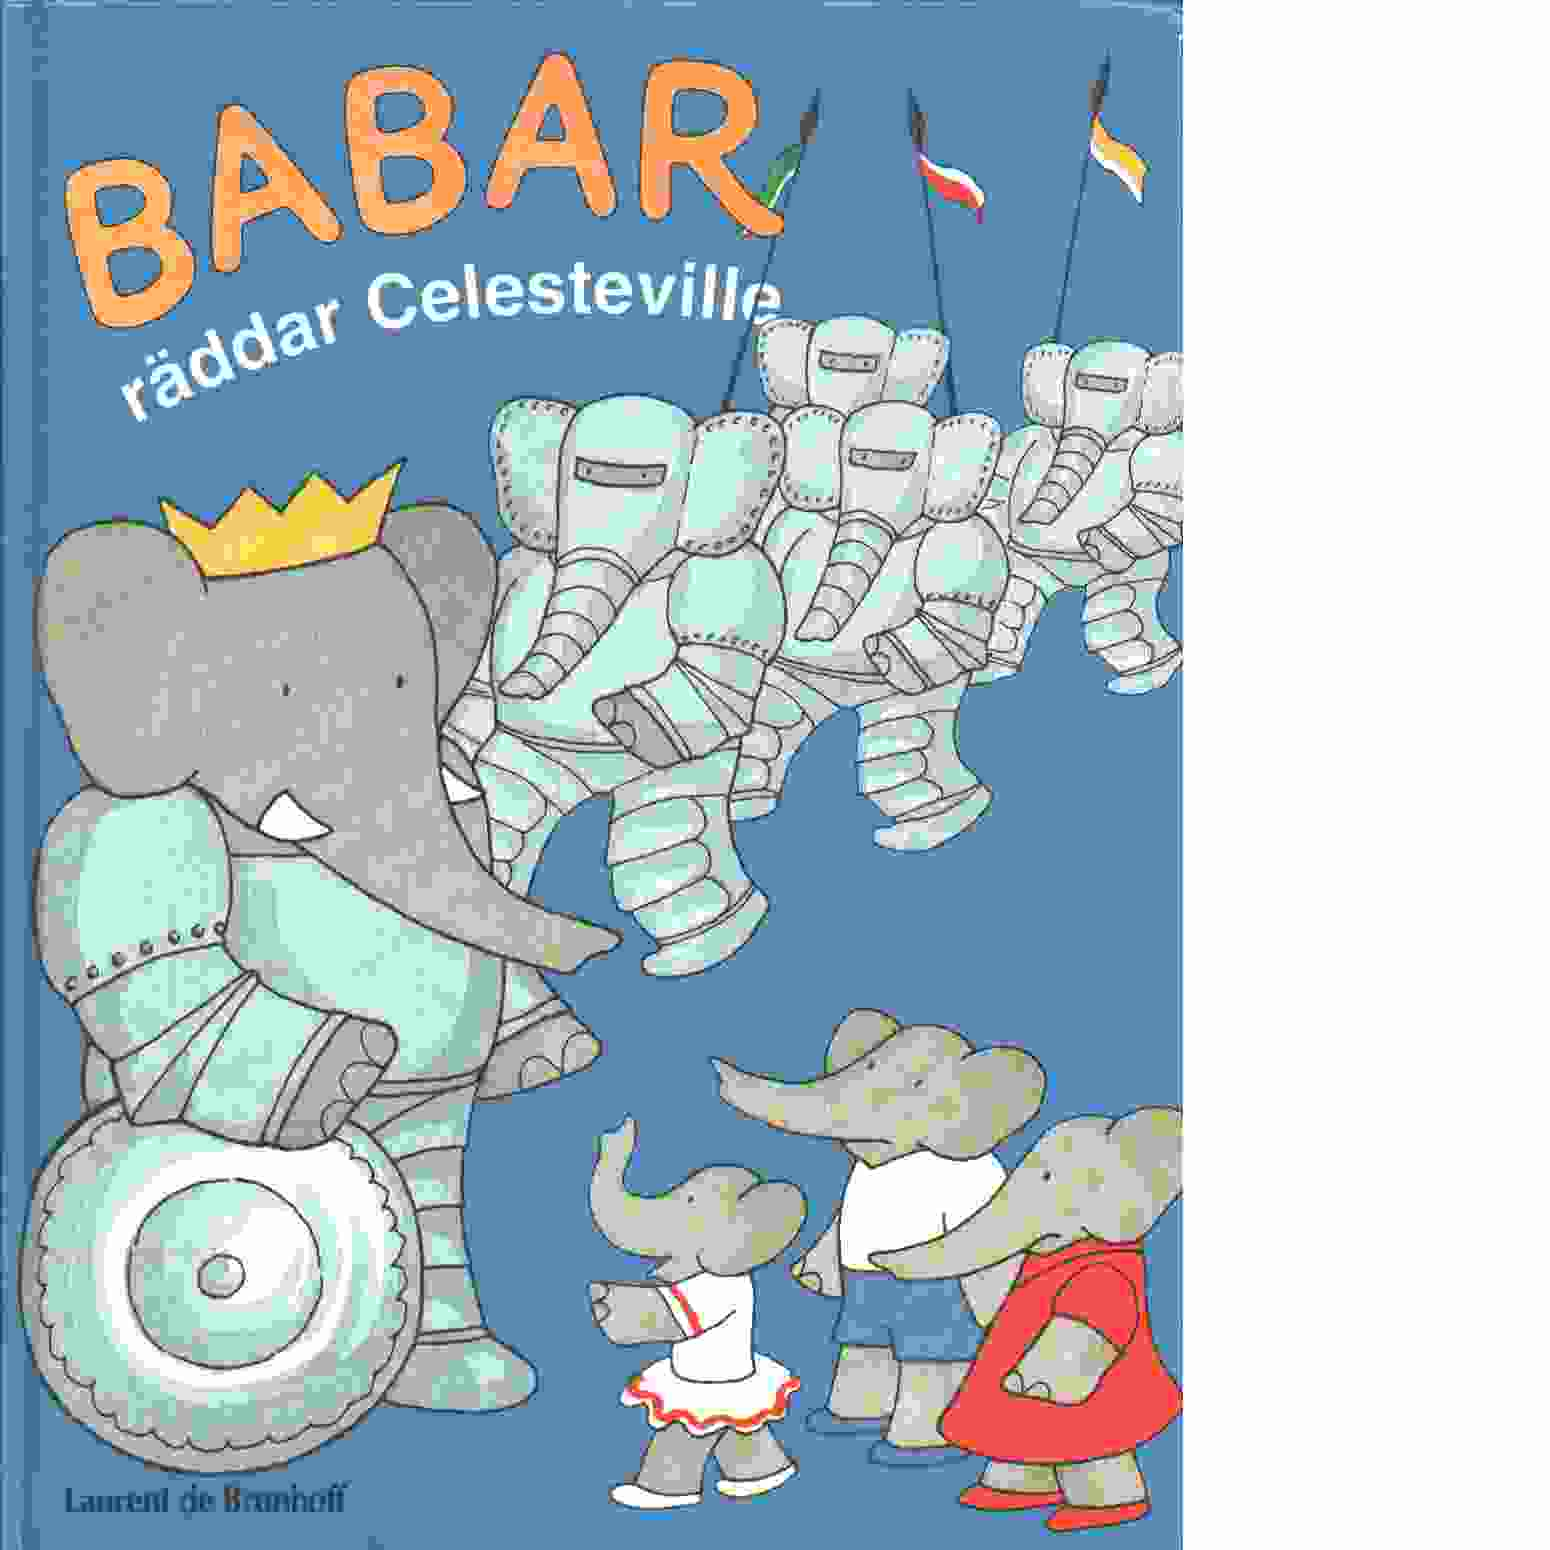 Babar räddar Celesteville - Brunhoff, Laurent de